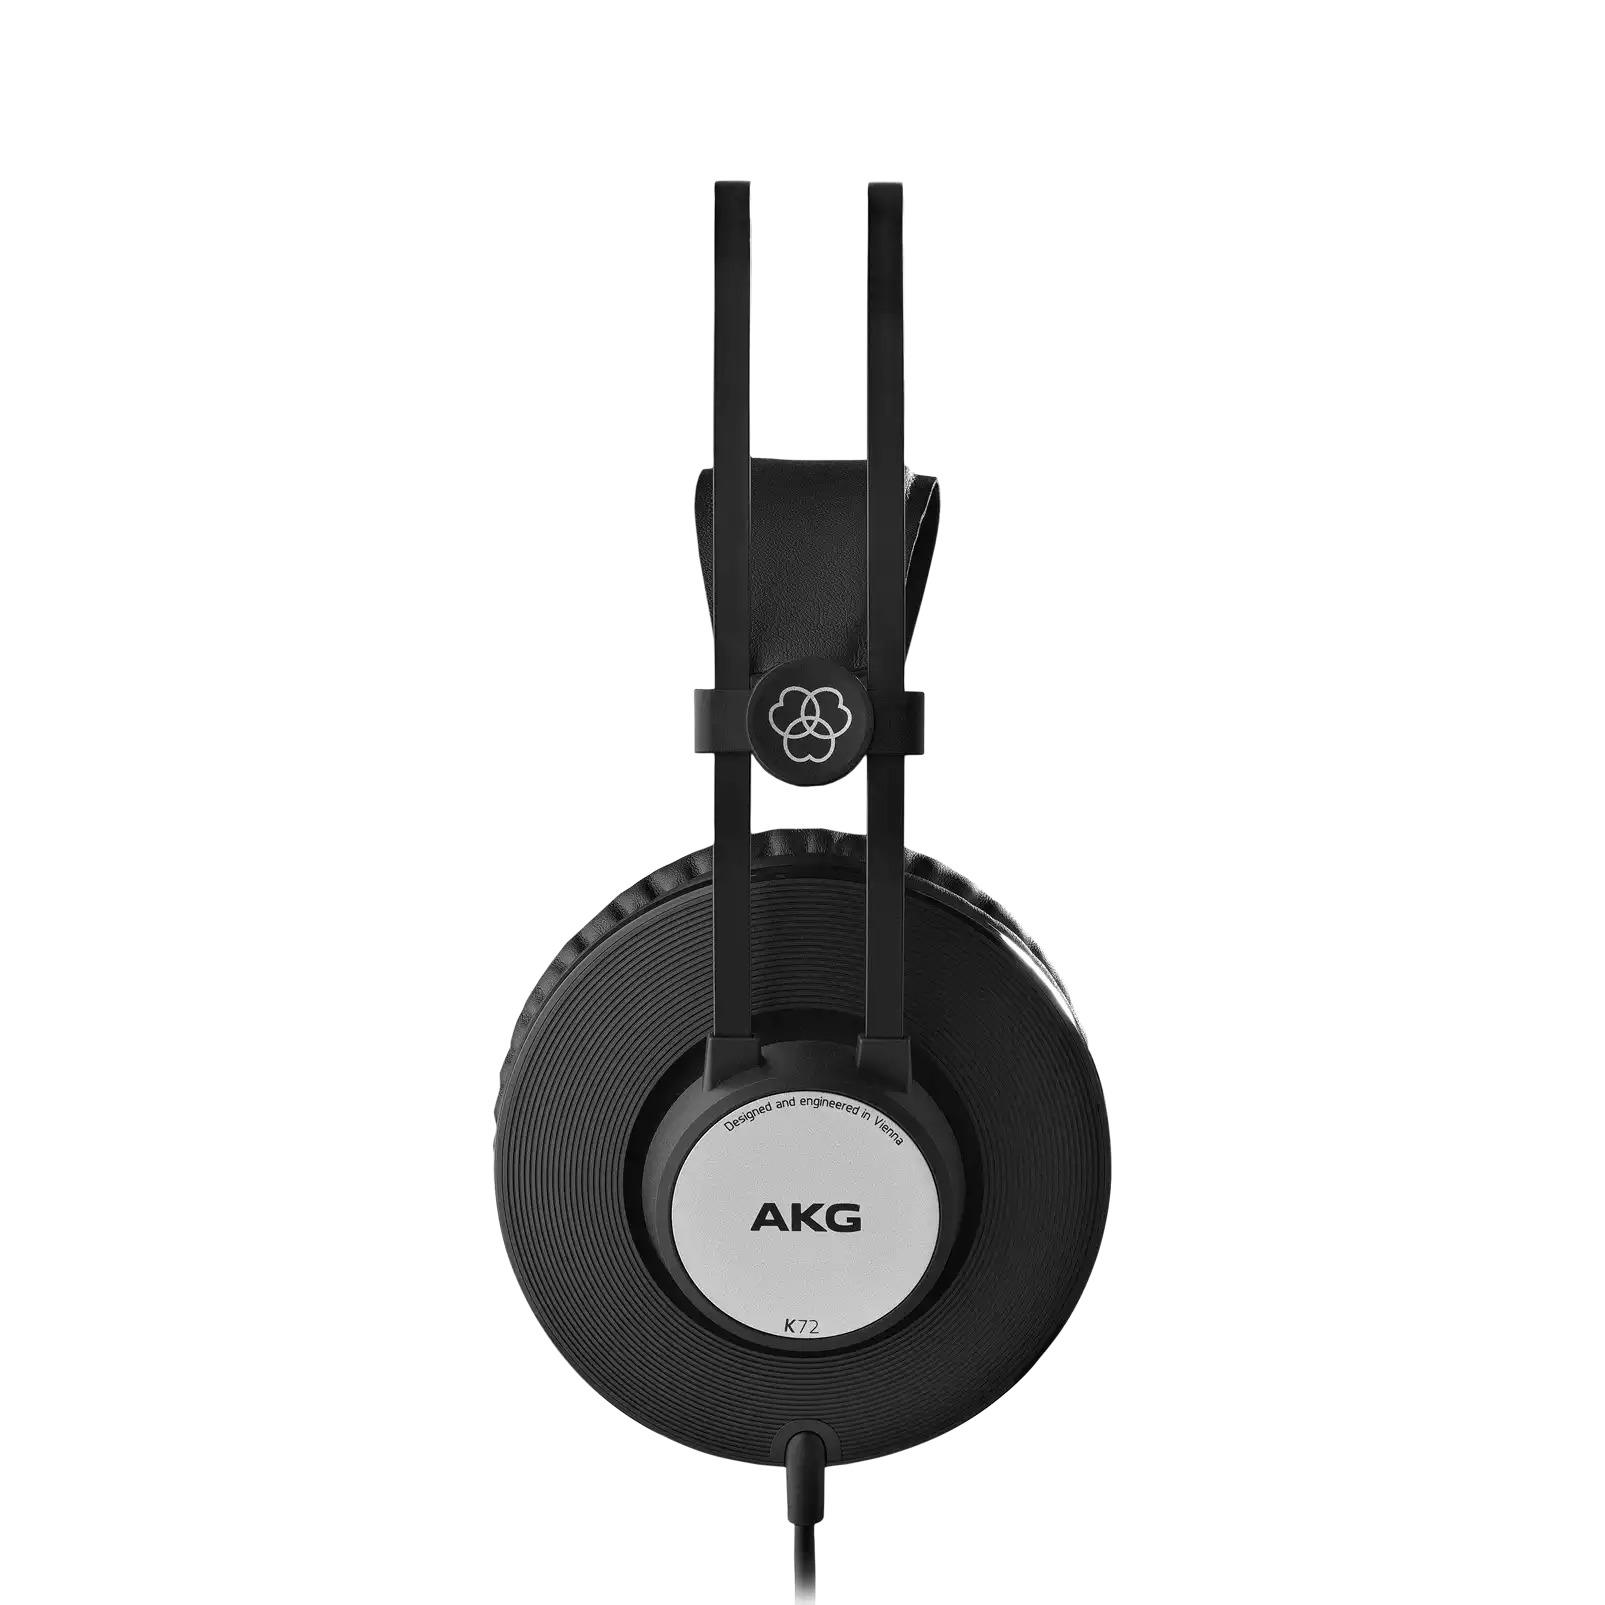 Fone de Ouvido AKG K72 Fechado Para Estúdio Estilo Over Ear